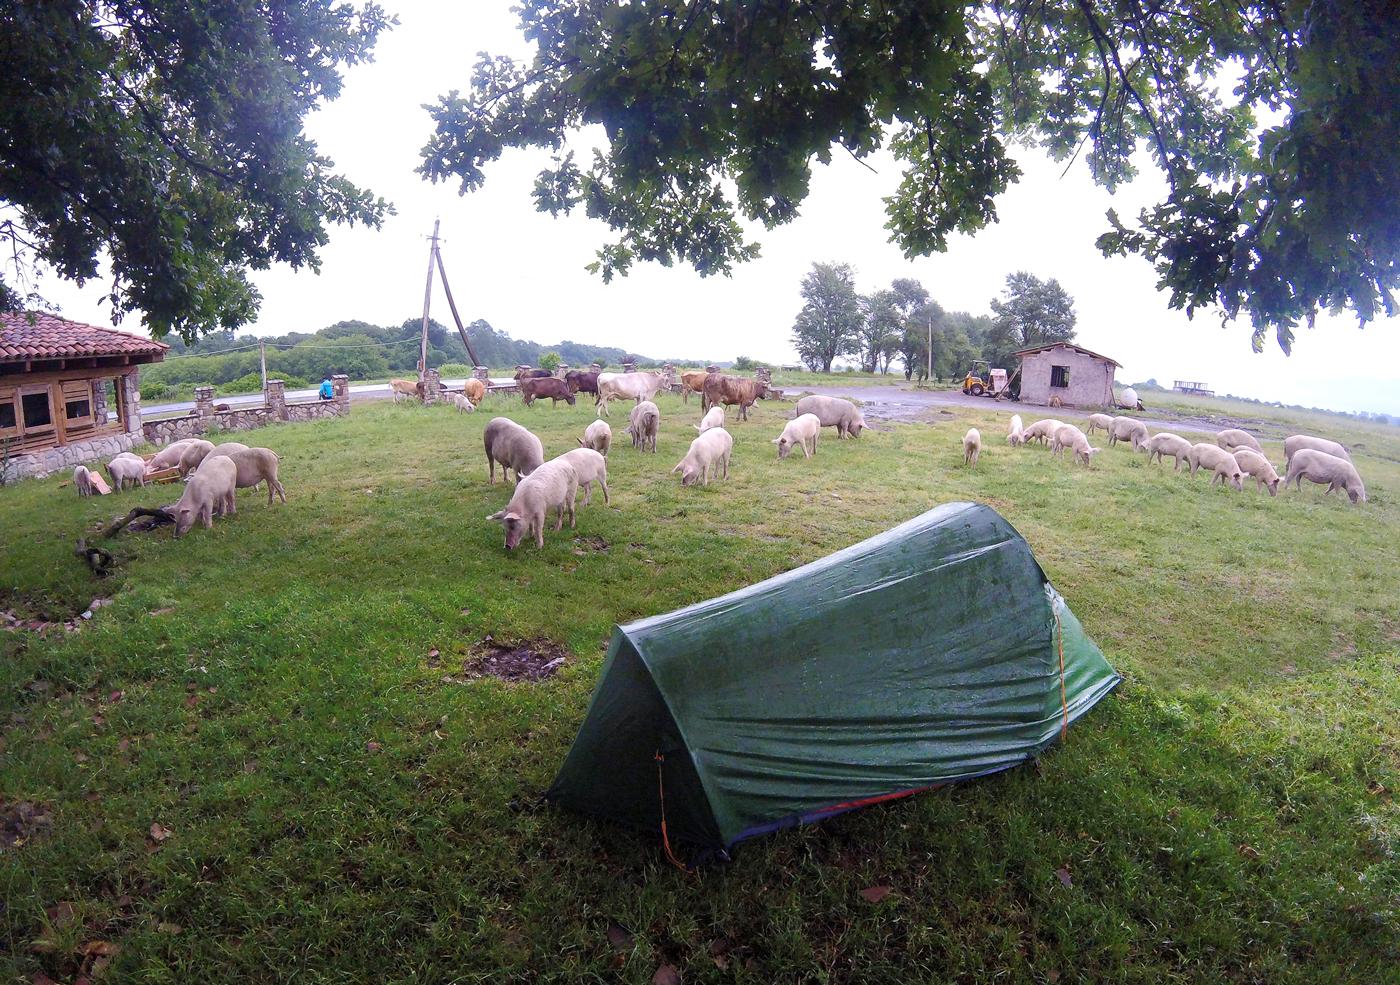 Voyage à vélo, la Géorgie à vélo, bivouac entouré d'un troupeau de porcs à Kvemo Alvani. Travel by bike, cycling Georgia, bivouac surrounded by pigs in Kvemo Alvani.